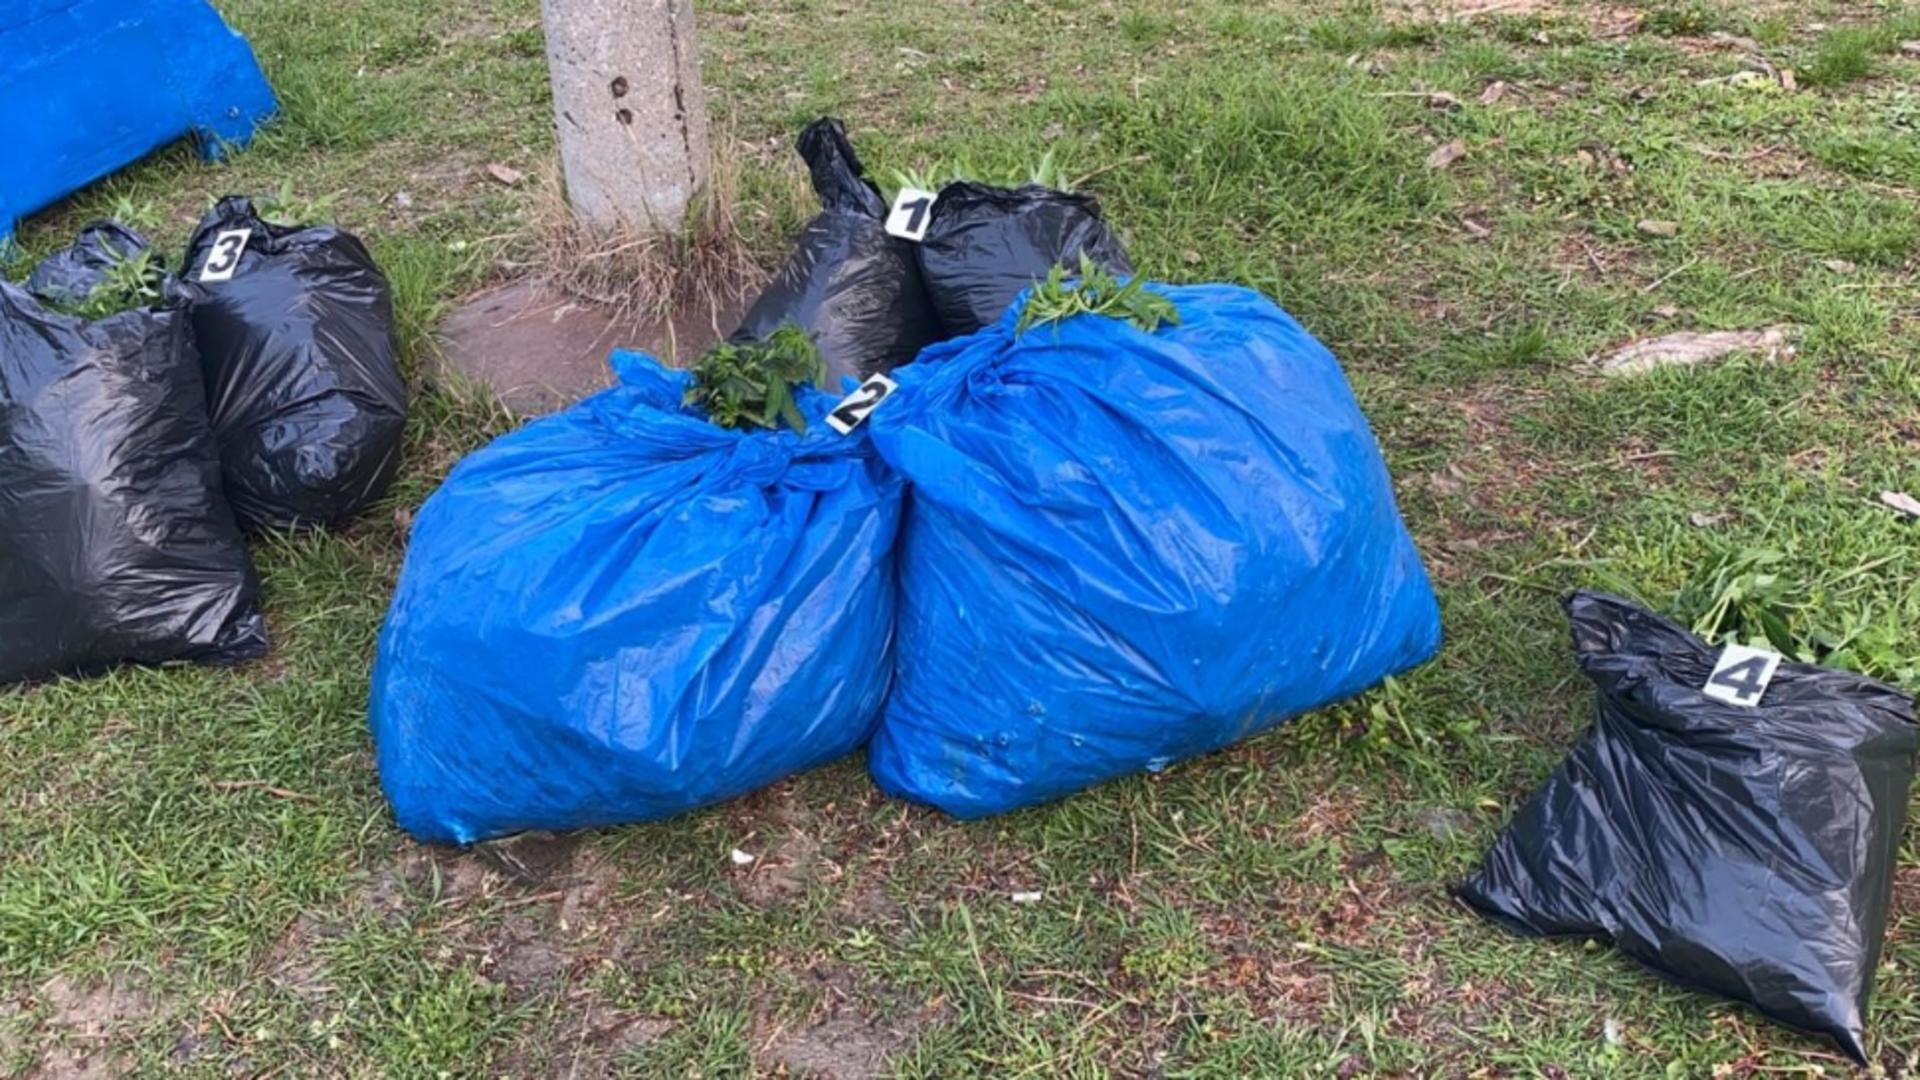 Zeci de kilograme de cannabis, ascunde in saci (foto: Poliția Română/DIICOT)